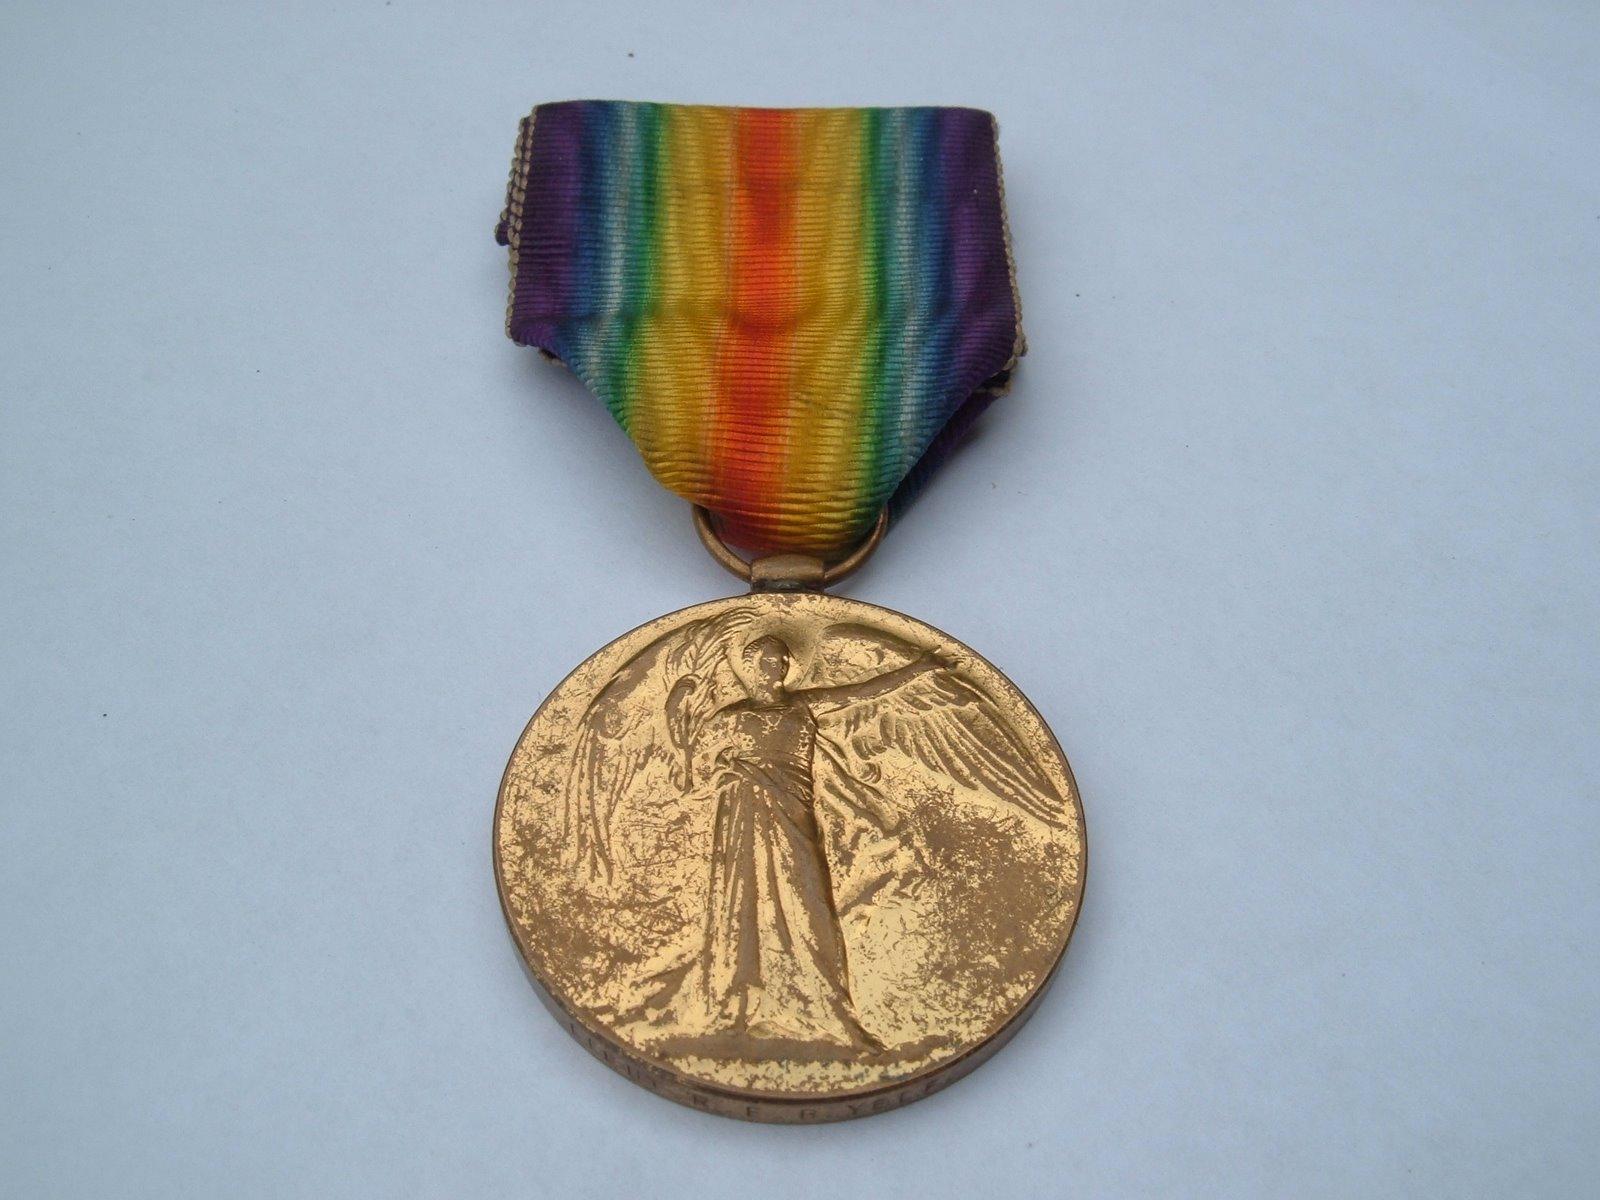 [REBYelf+medal1]